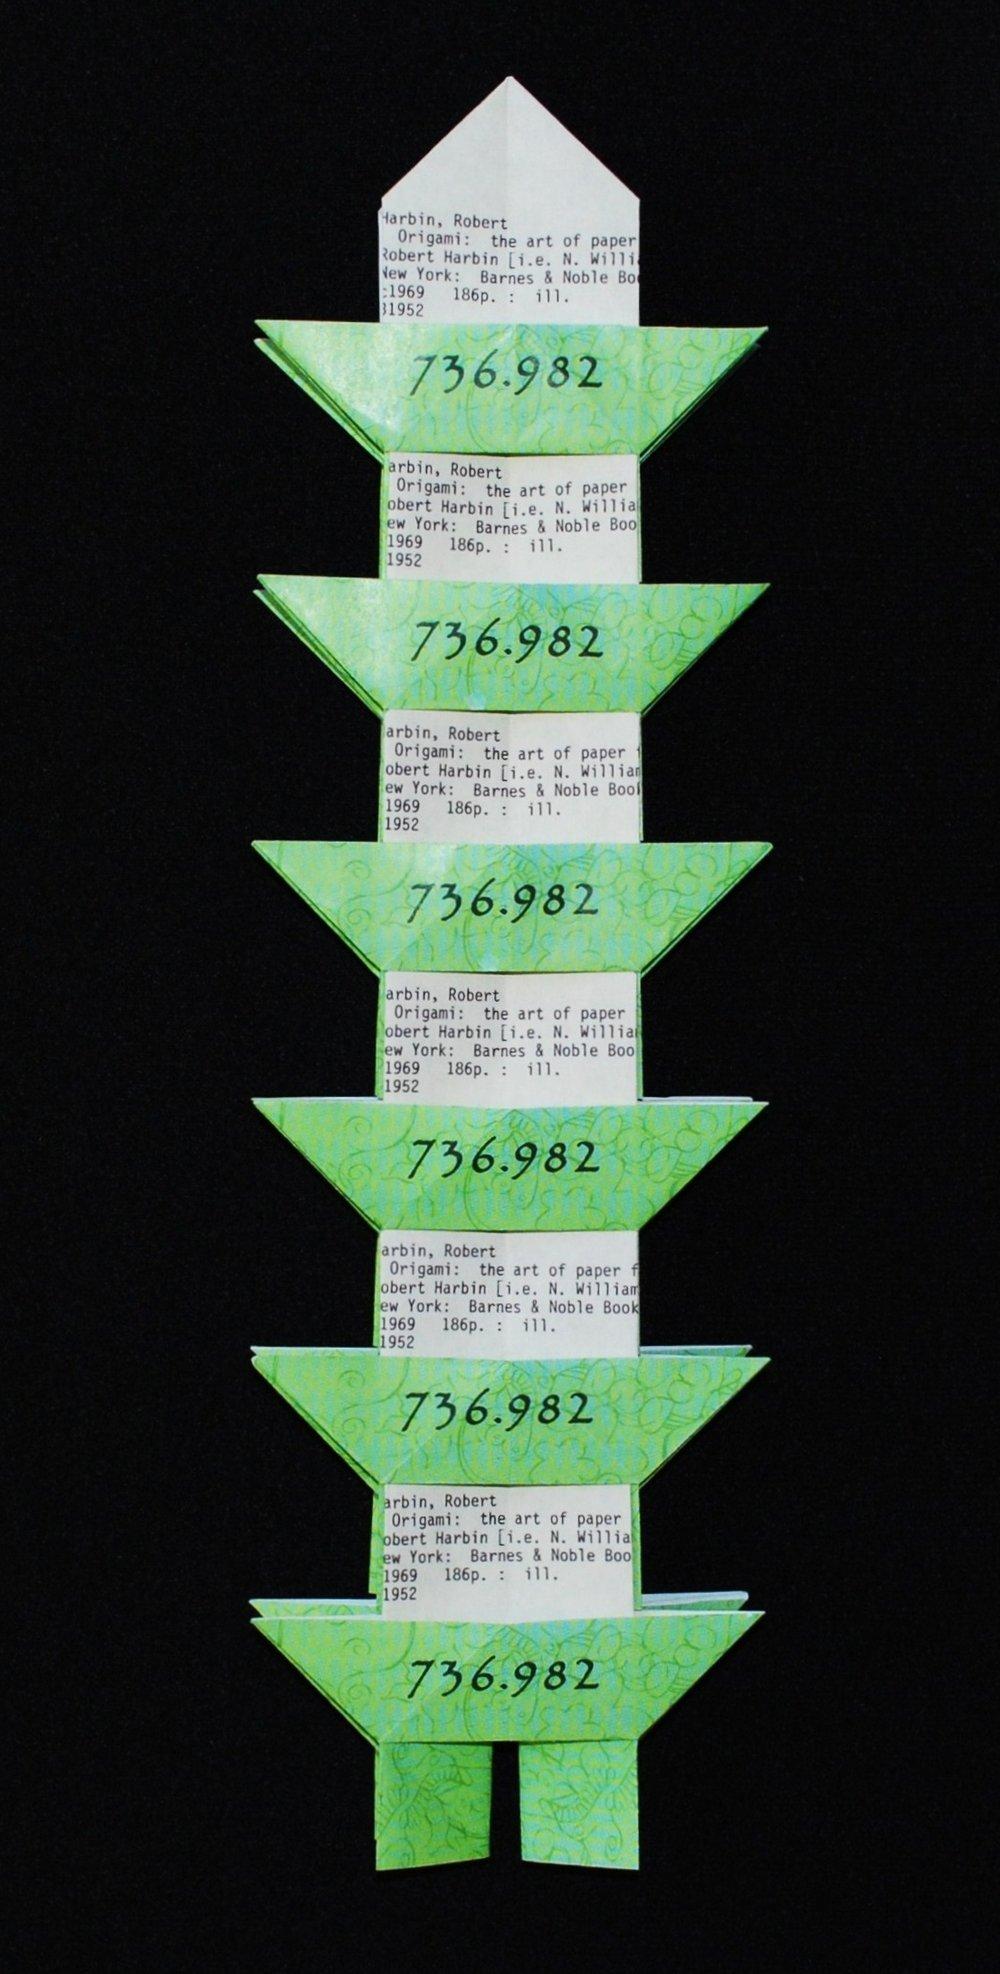 Dewey Decimal Pagoda (origami assemblage)